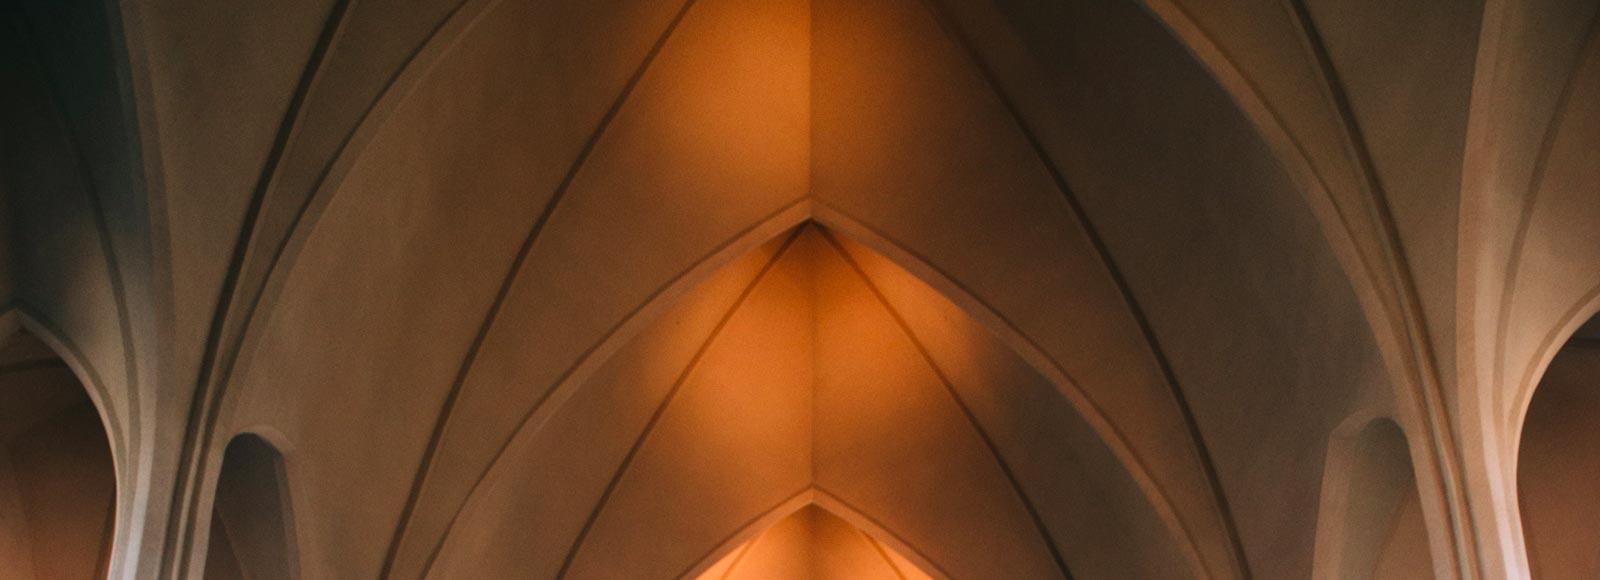 prayerplace